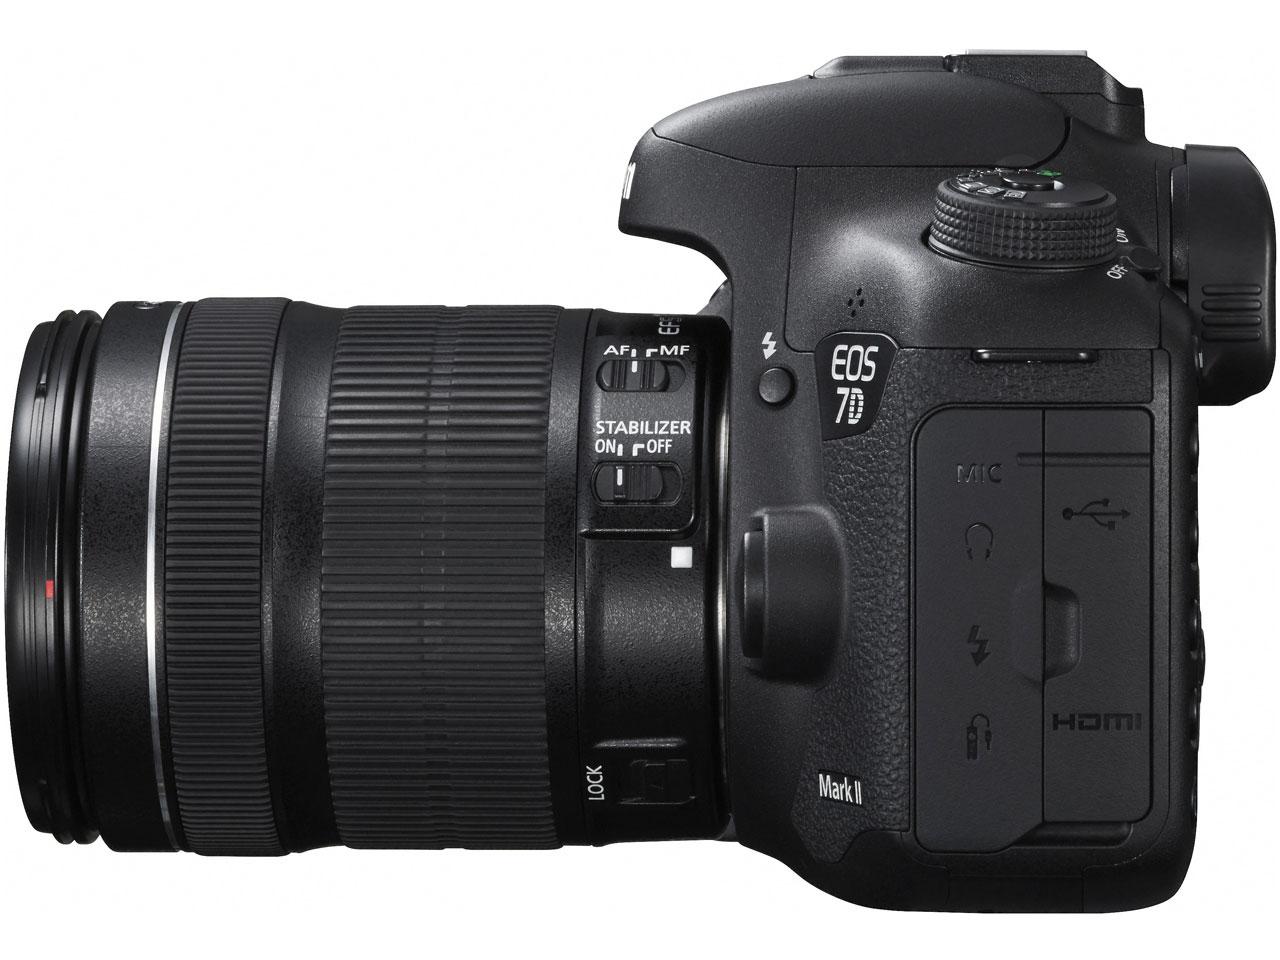 『本体 右側面』 EOS 7D Mark II EF-S18-135 IS STM レンズキット の製品画像